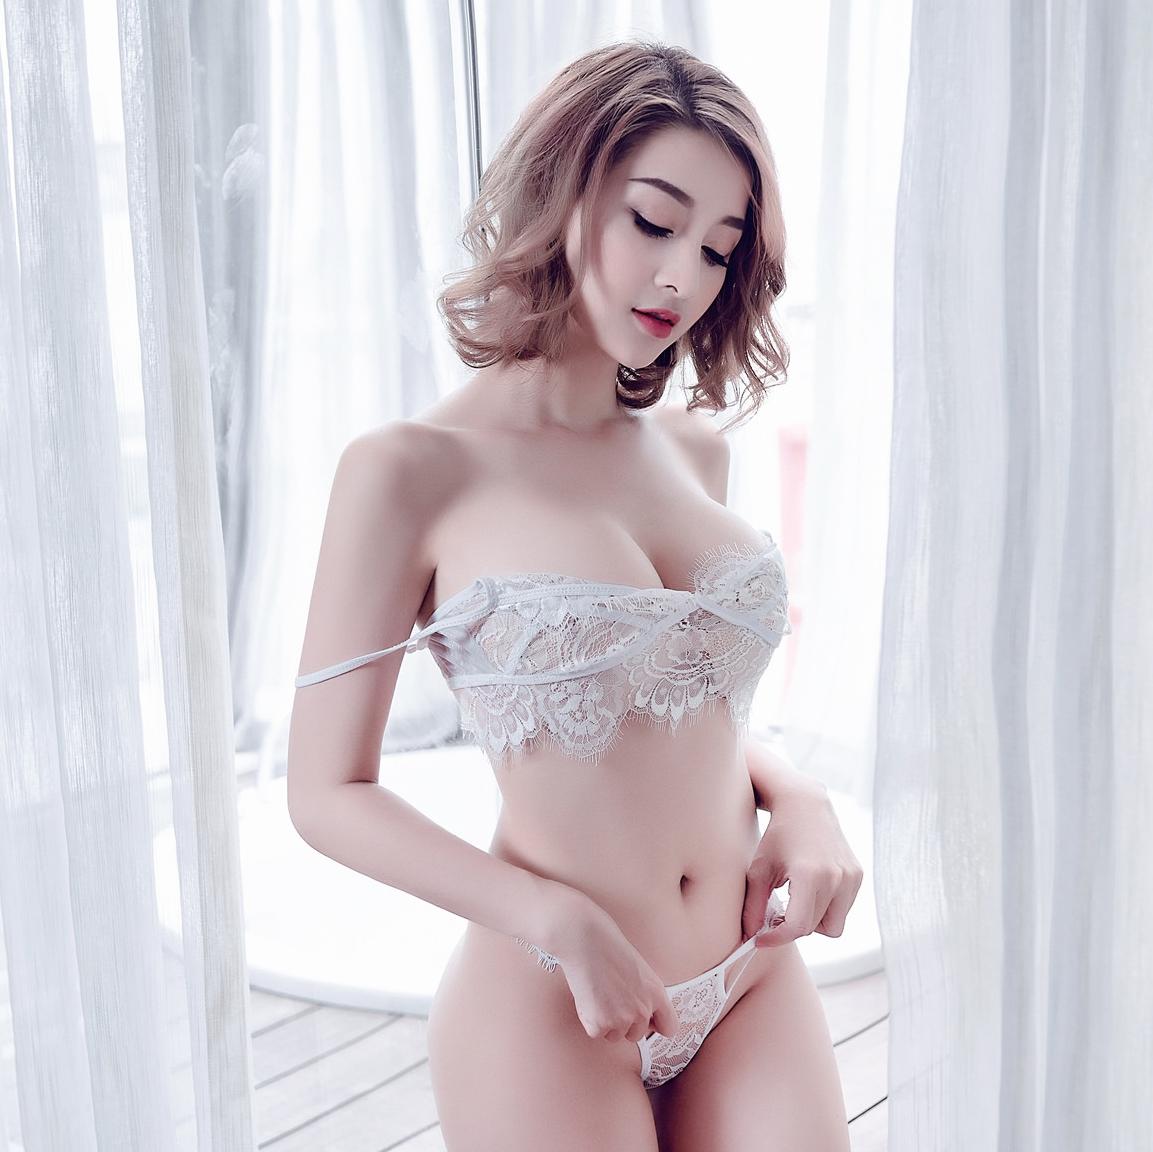 Tổng hợp ảnh gái xinh của nhiếp ảnh gia Hiền Đặng